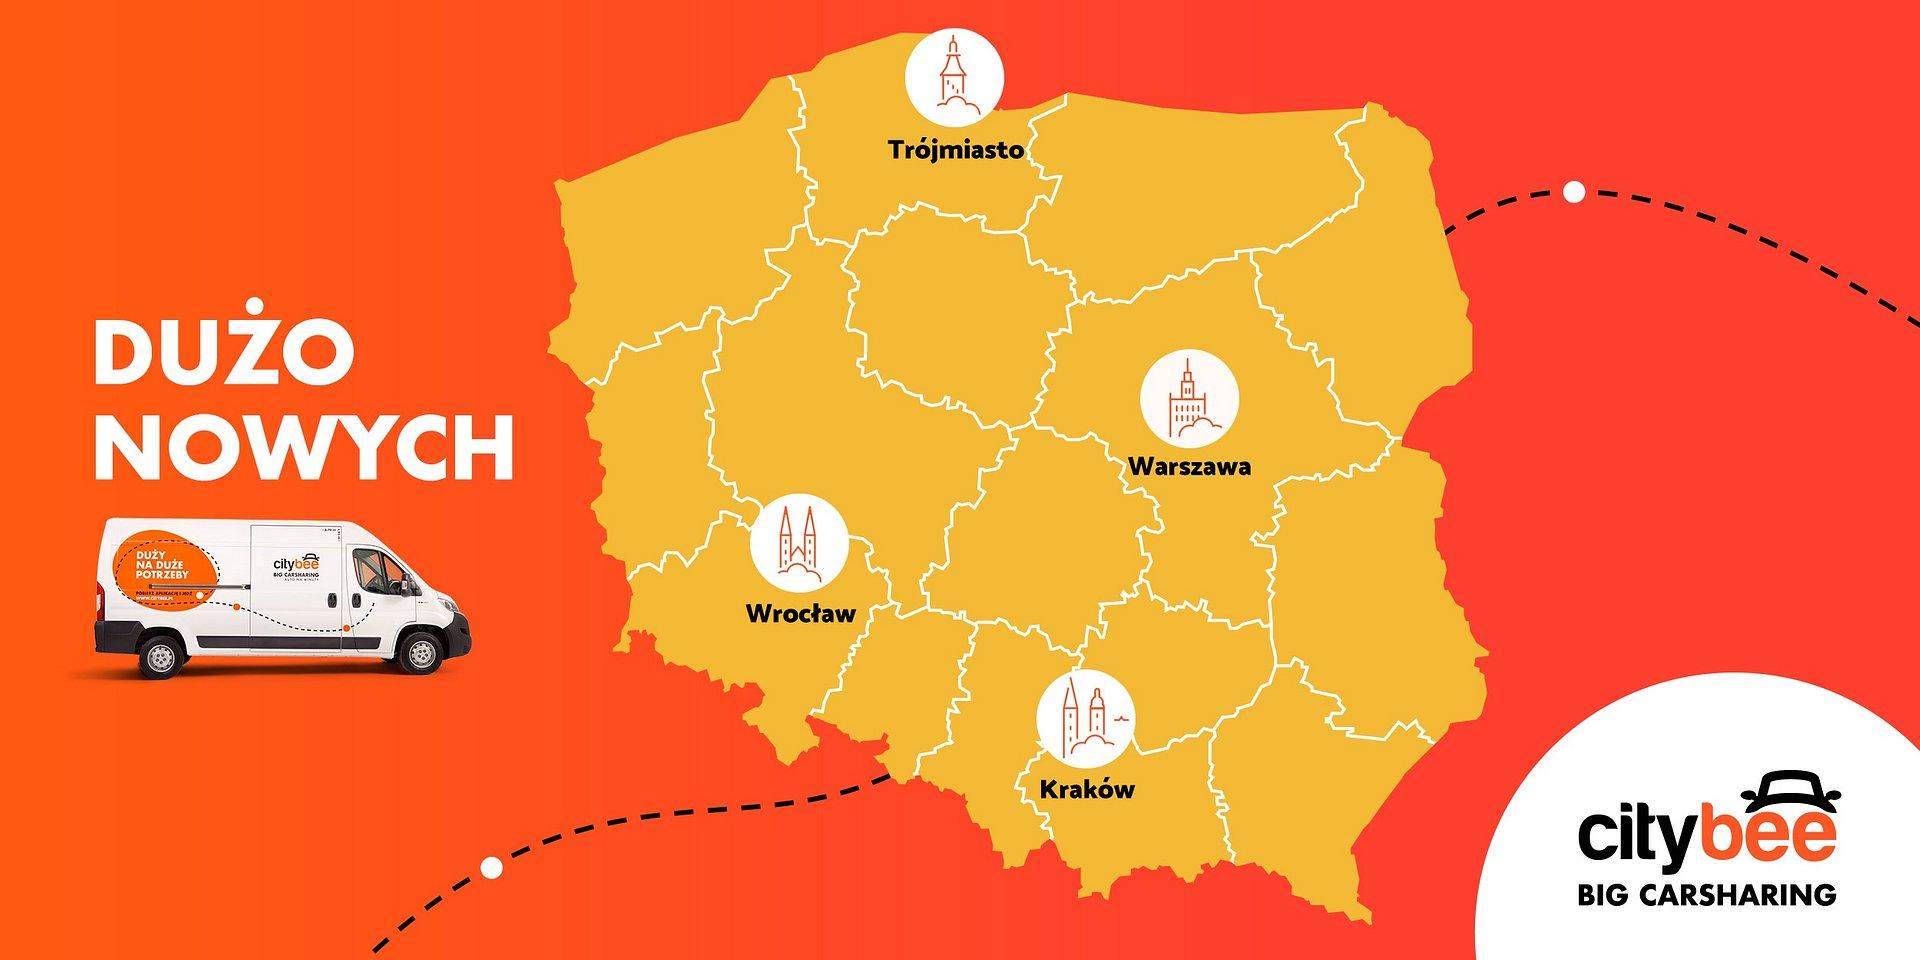 CityBee w kolejnych miastach! Dostawczaki na minuty dostępne w Krakowie i Trójmieście.